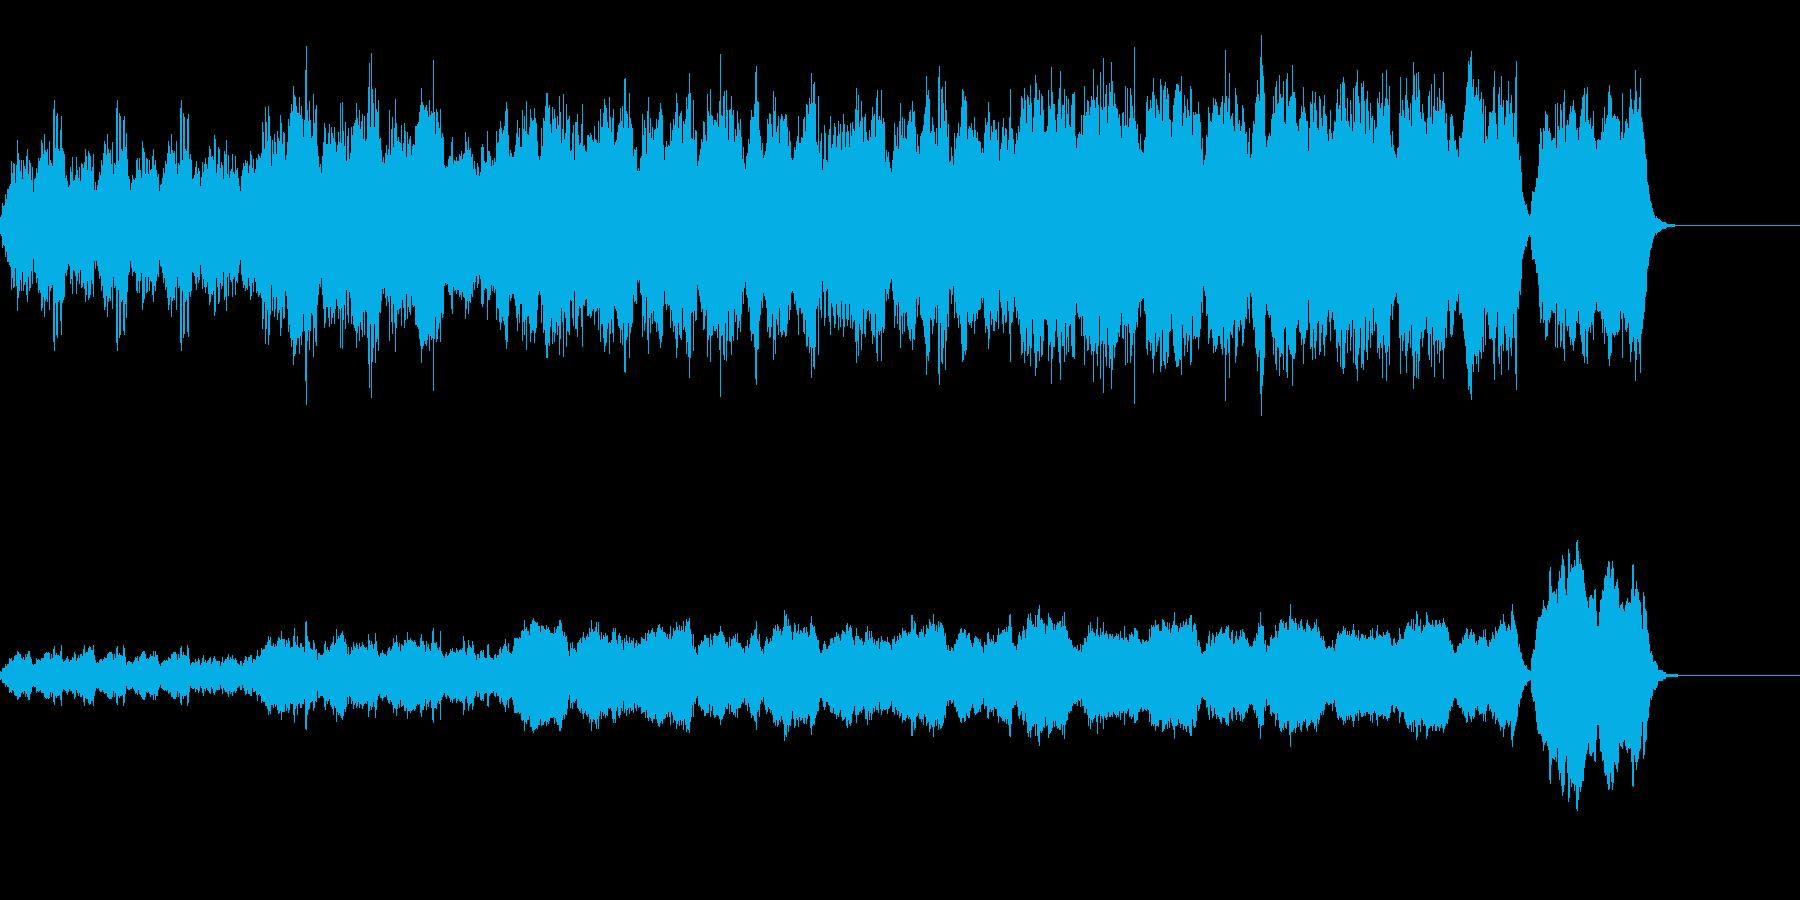 大切なことをしっかり伝えるときの弦楽奏の再生済みの波形